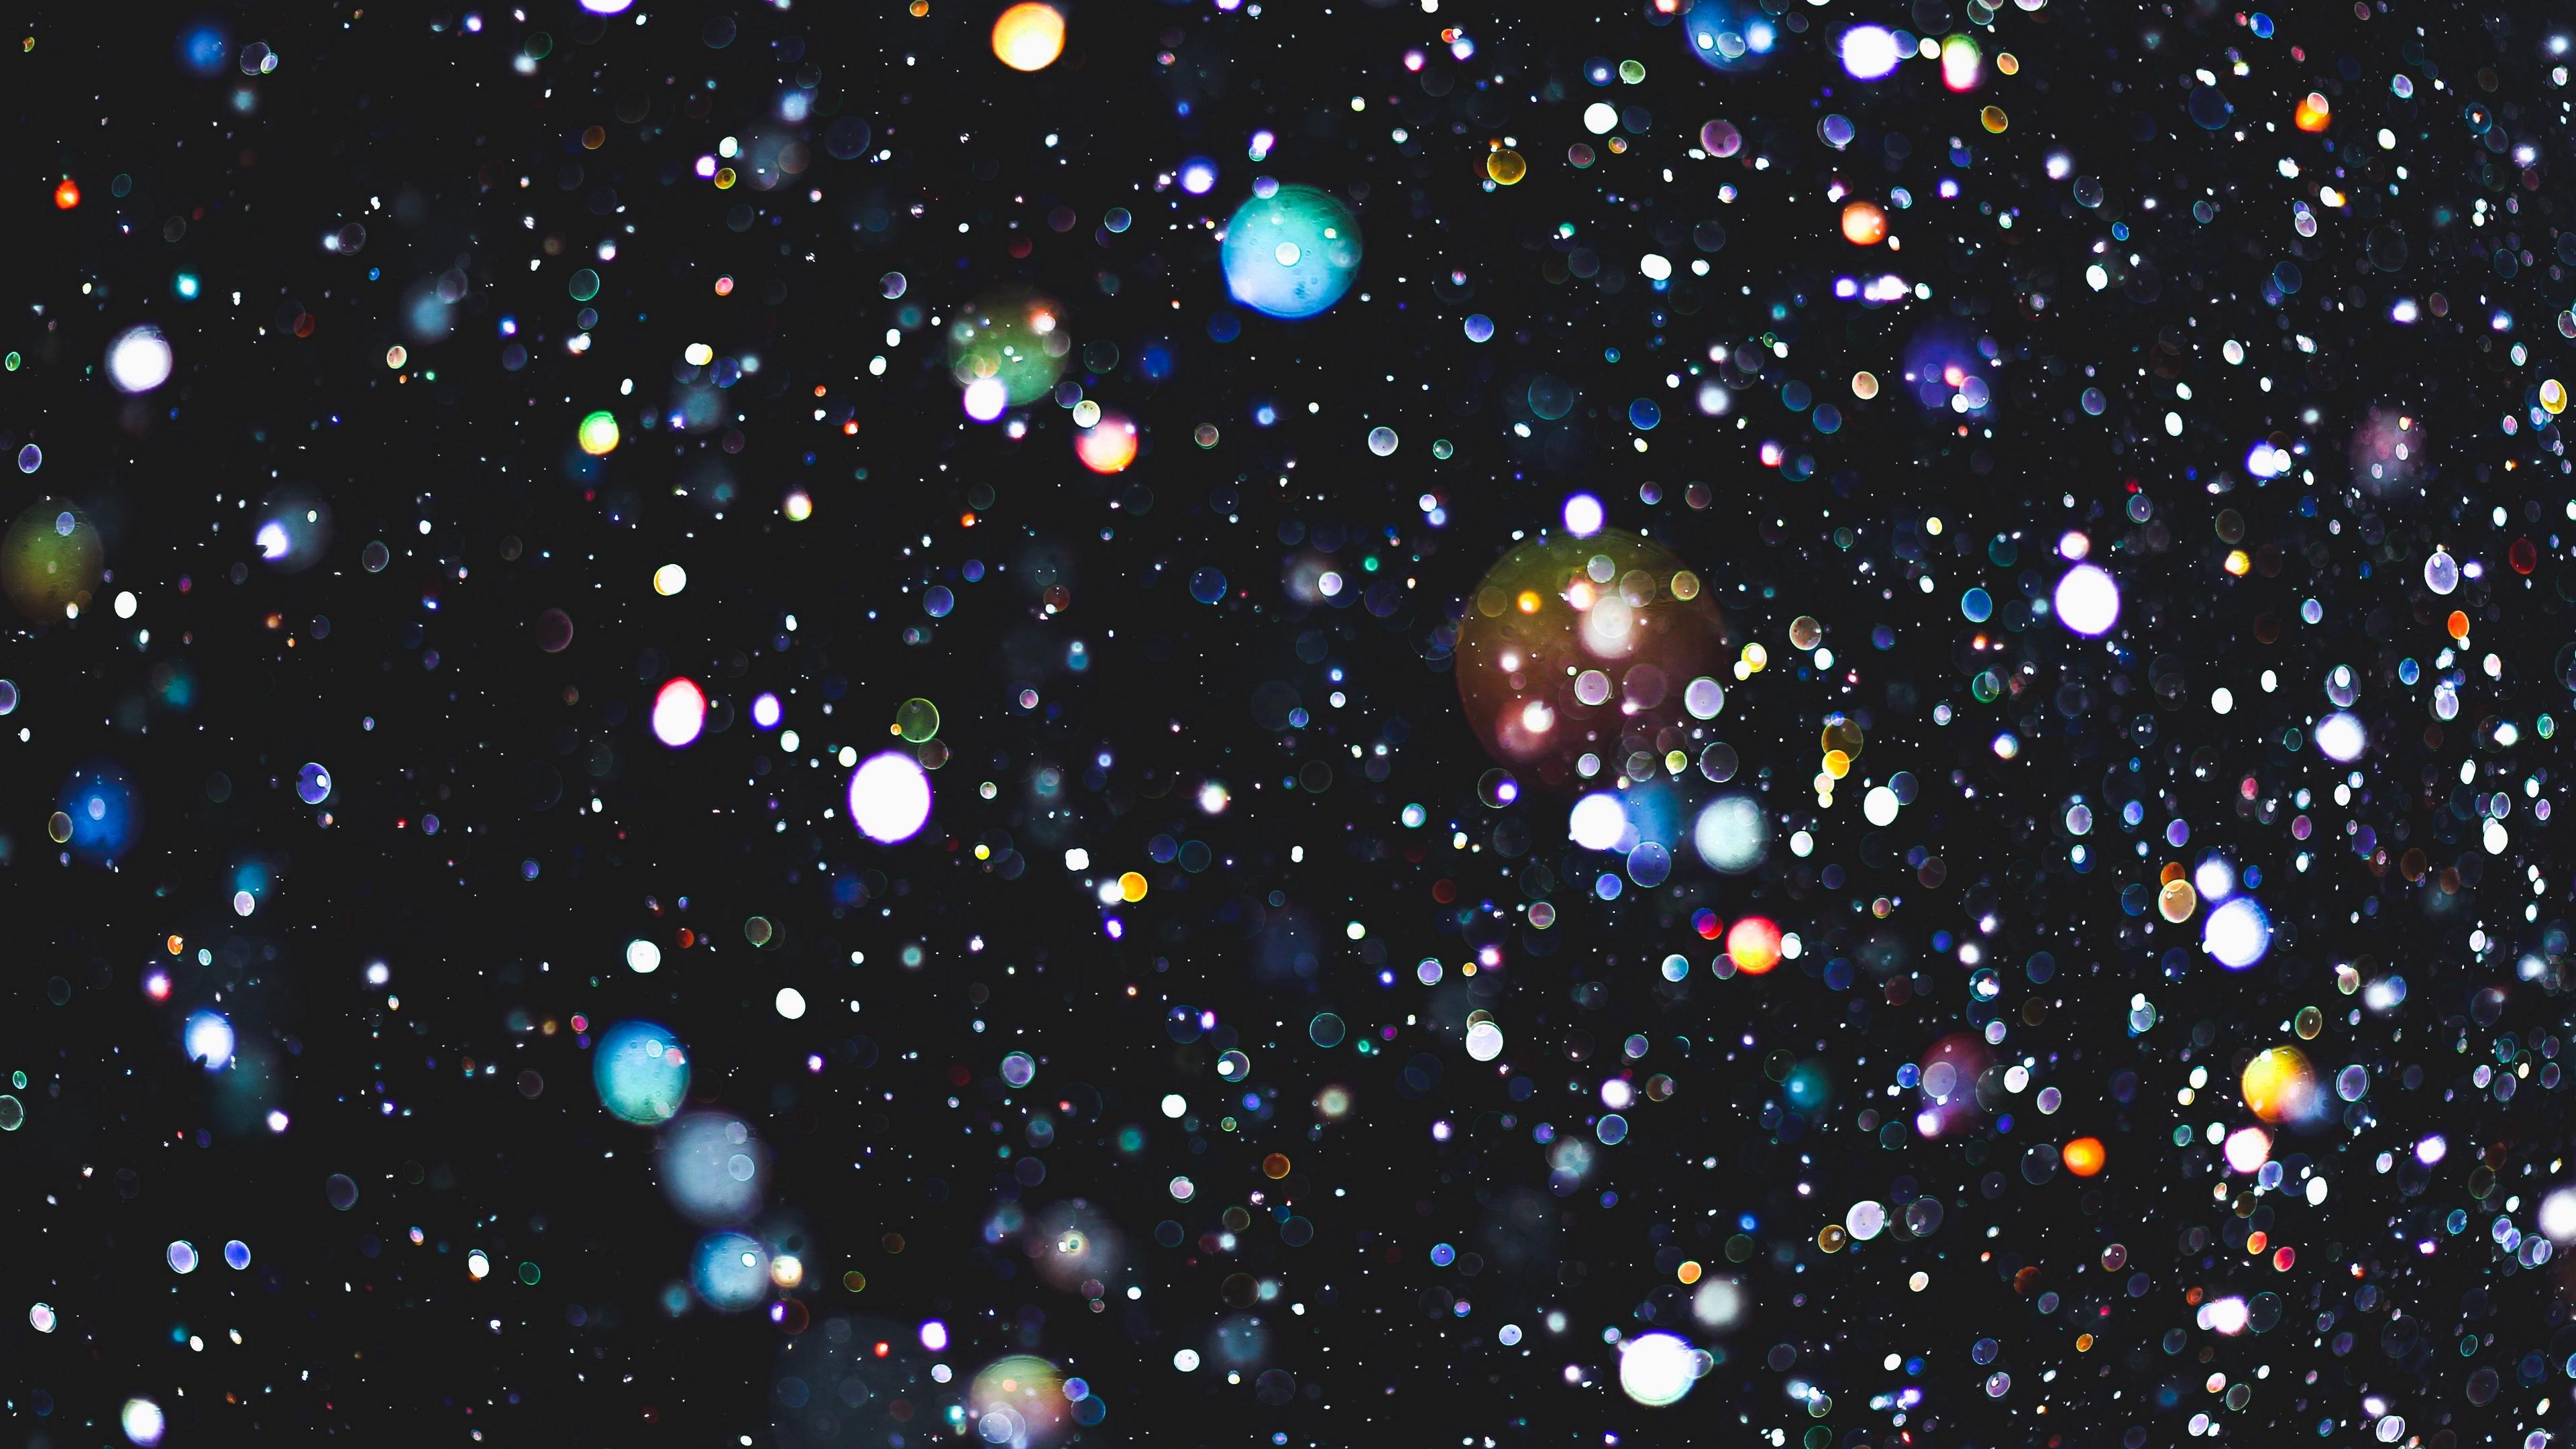 glare circles glitter light 4k 1539370398 - glare, circles, glitter, light 4k - Glitter, glare, Circles